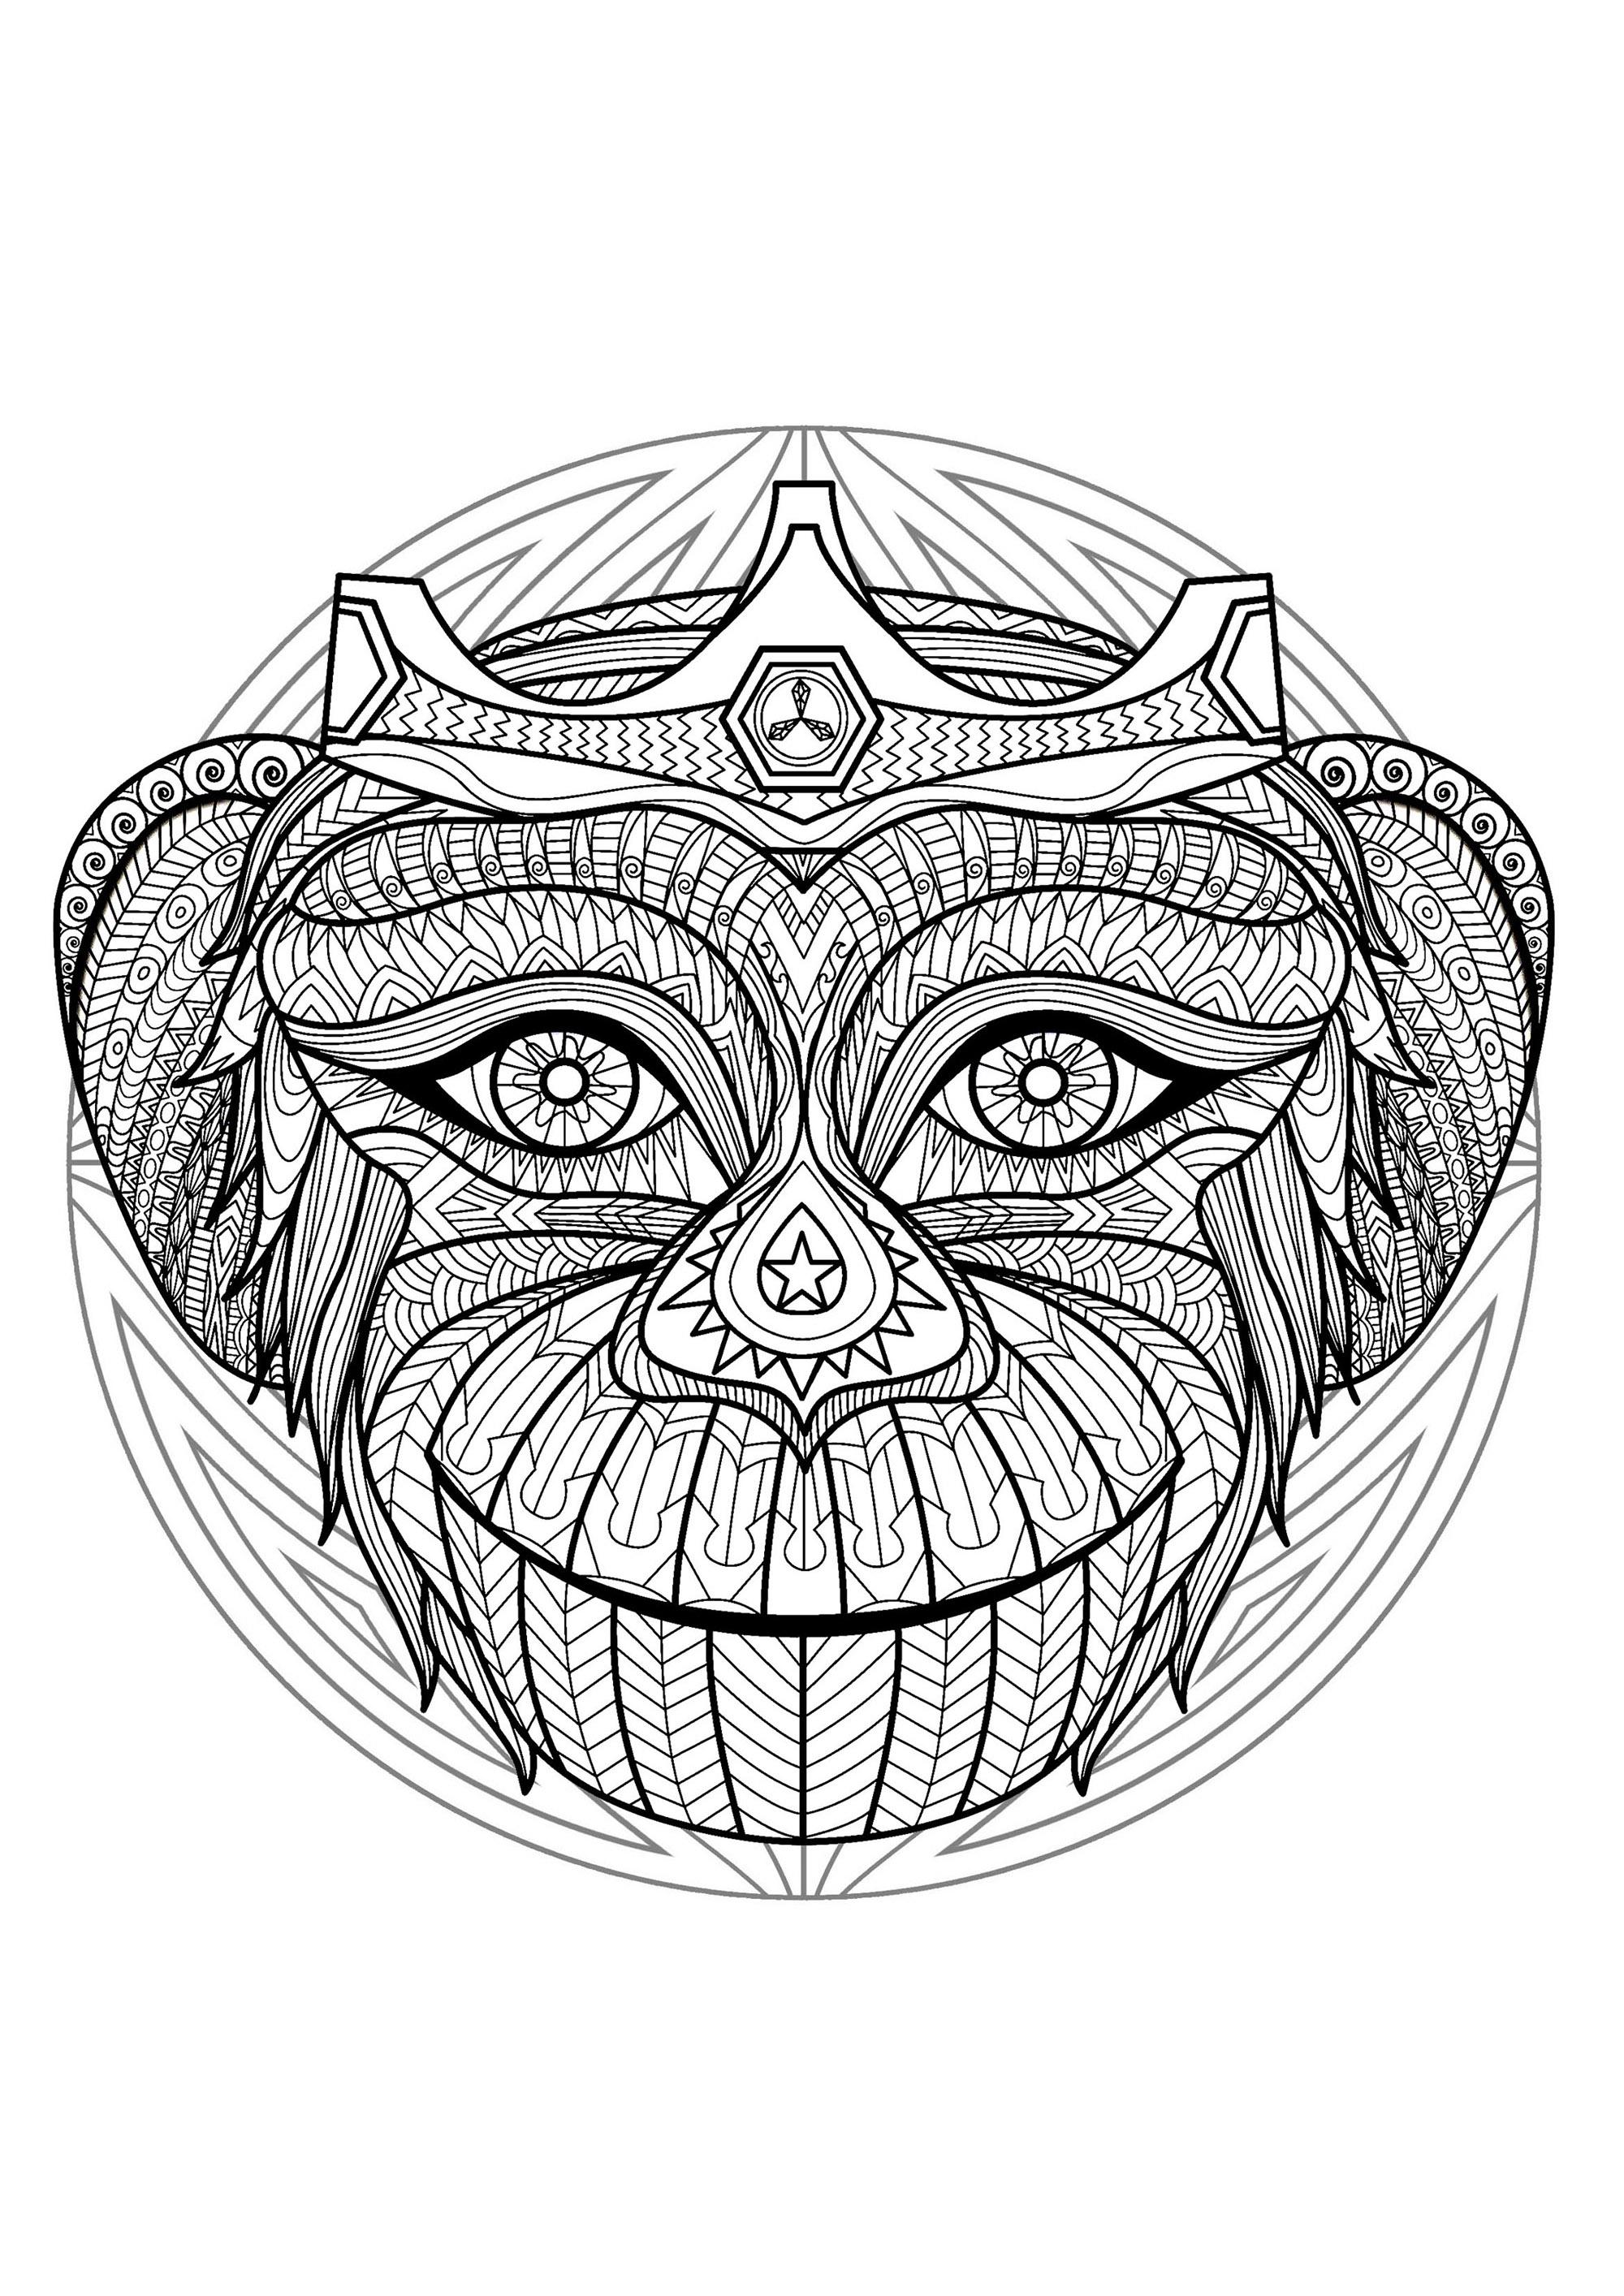 Mandala Tete Singe 2 Mandalas Difficiles Pour Adultes